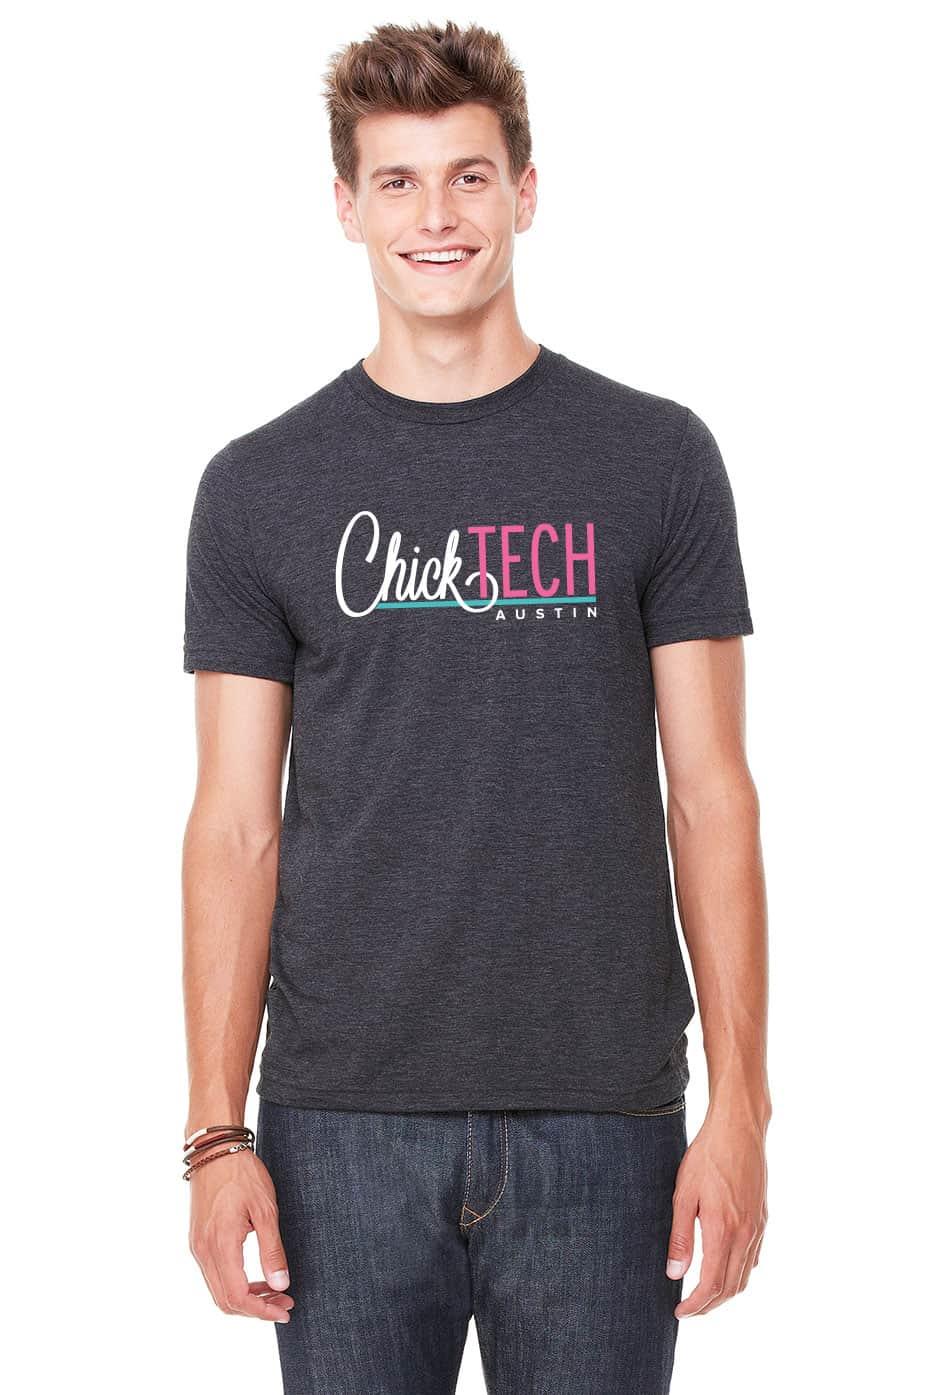 ChickTech Austin Unisex Shirt